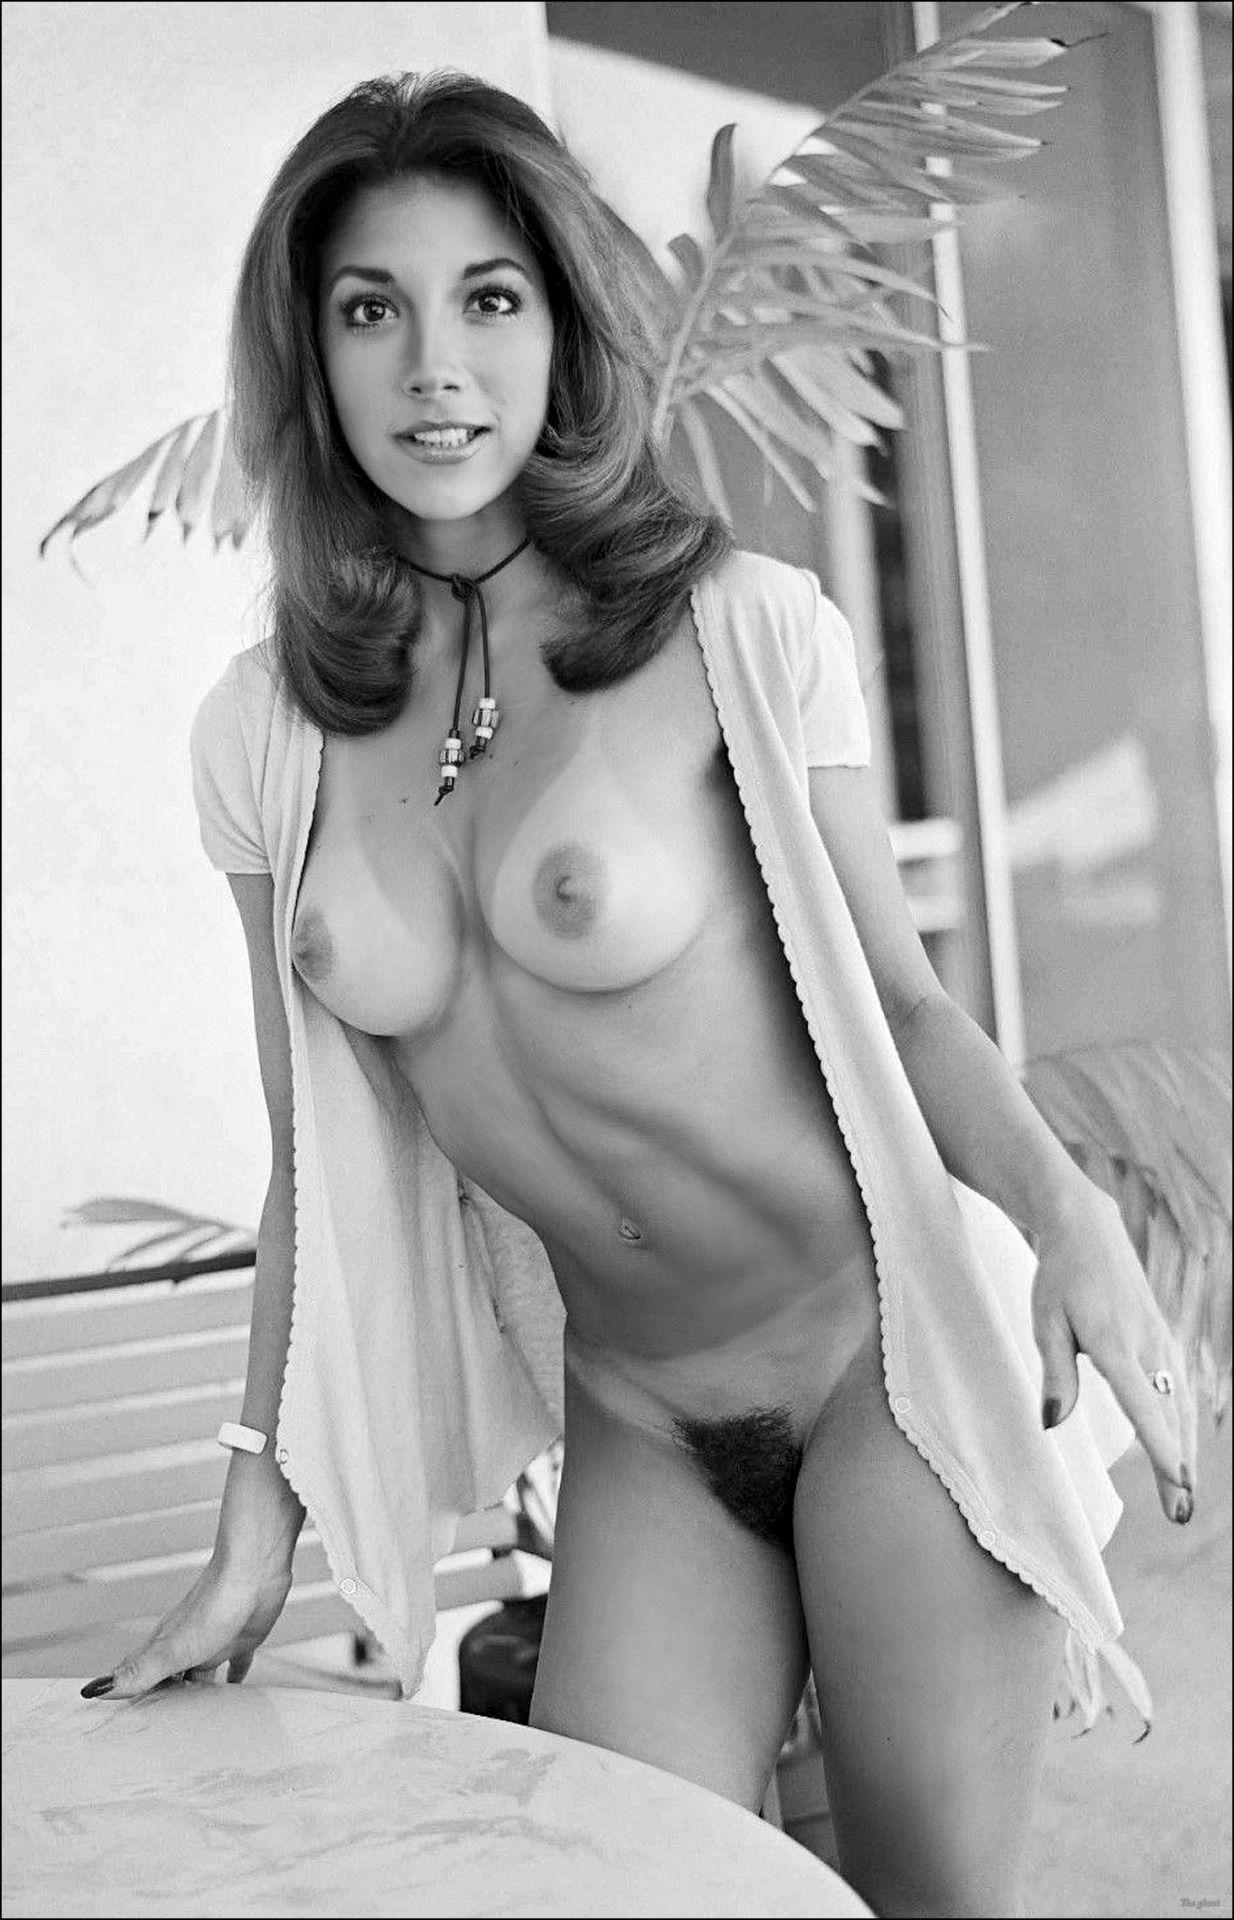 danielle tits dawson big Vintage